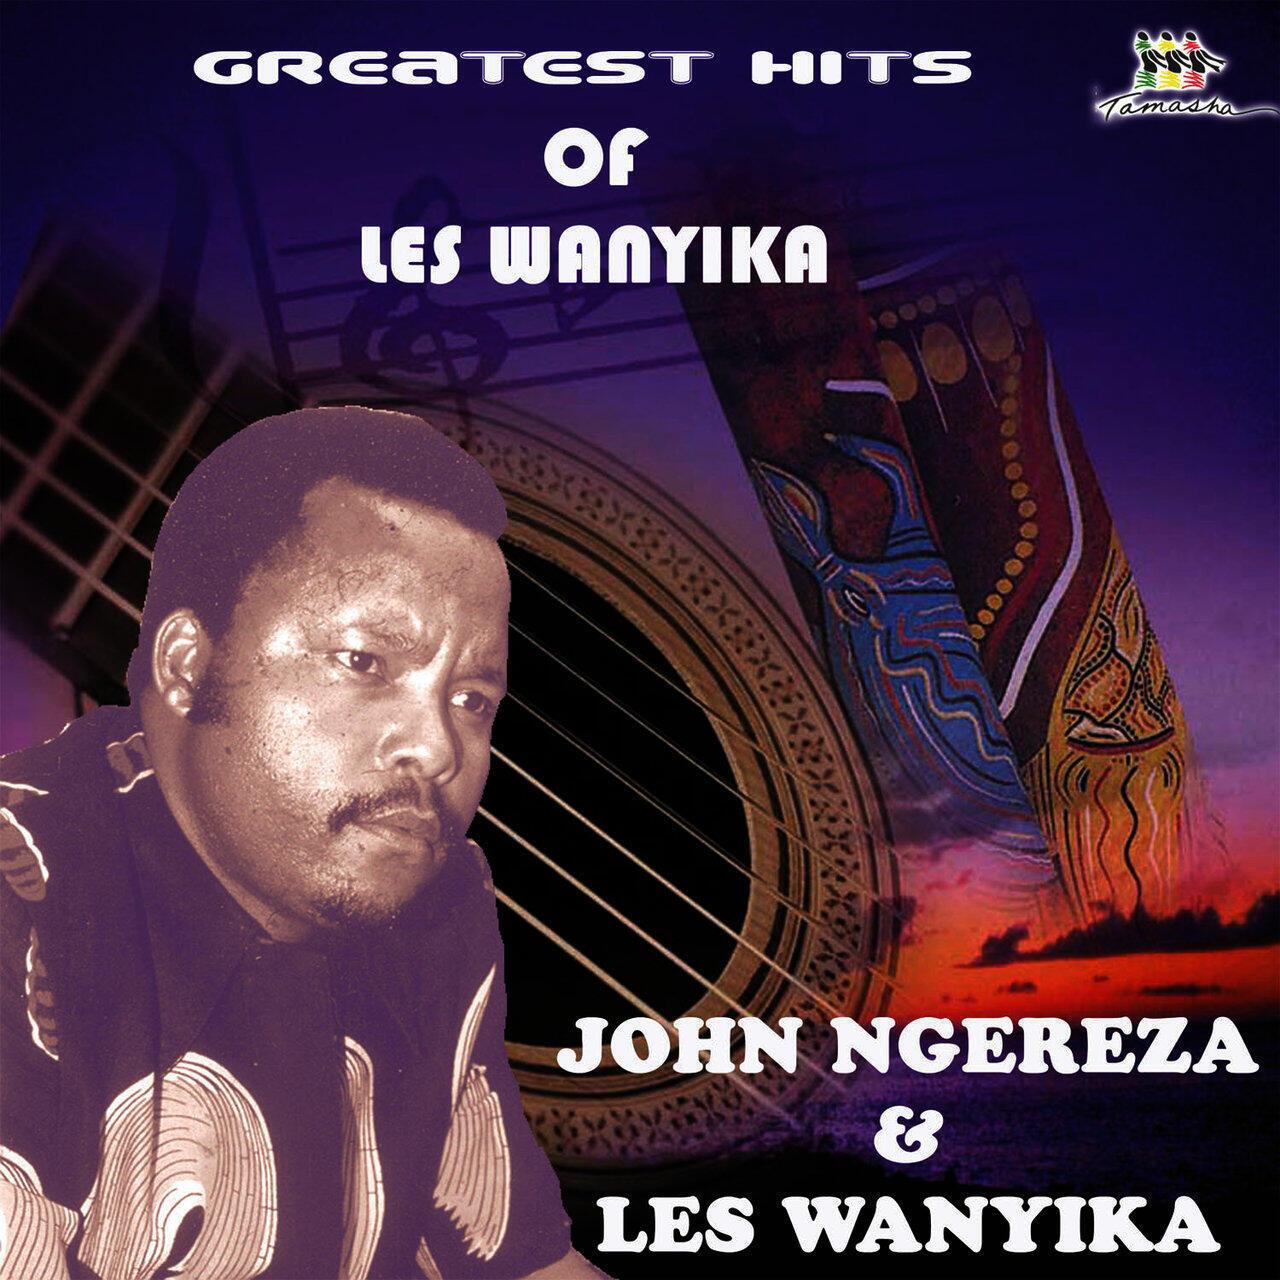 John Ngereza wa Bendi ya Les Wanyika